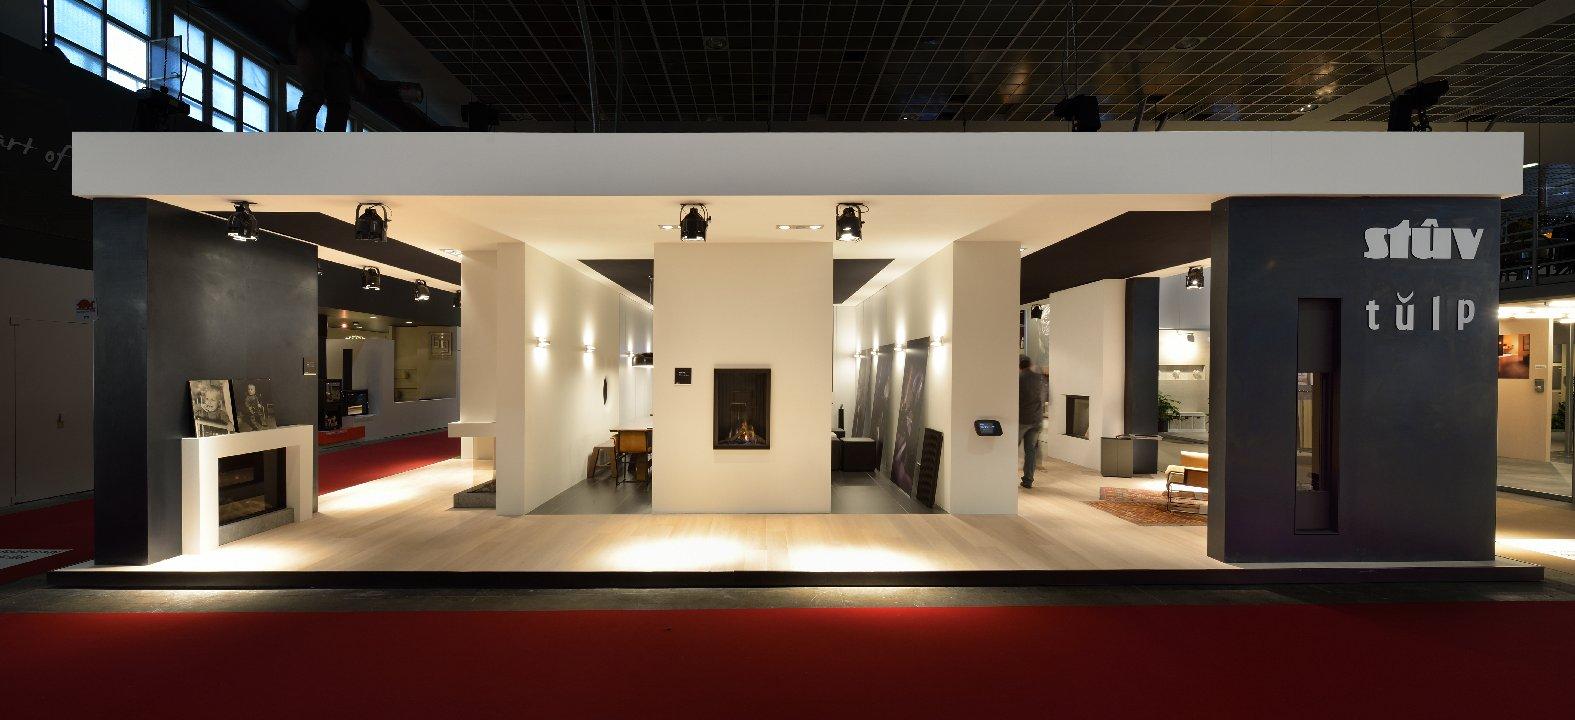 po les inserts chemin es bois pellets et gaz st v. Black Bedroom Furniture Sets. Home Design Ideas